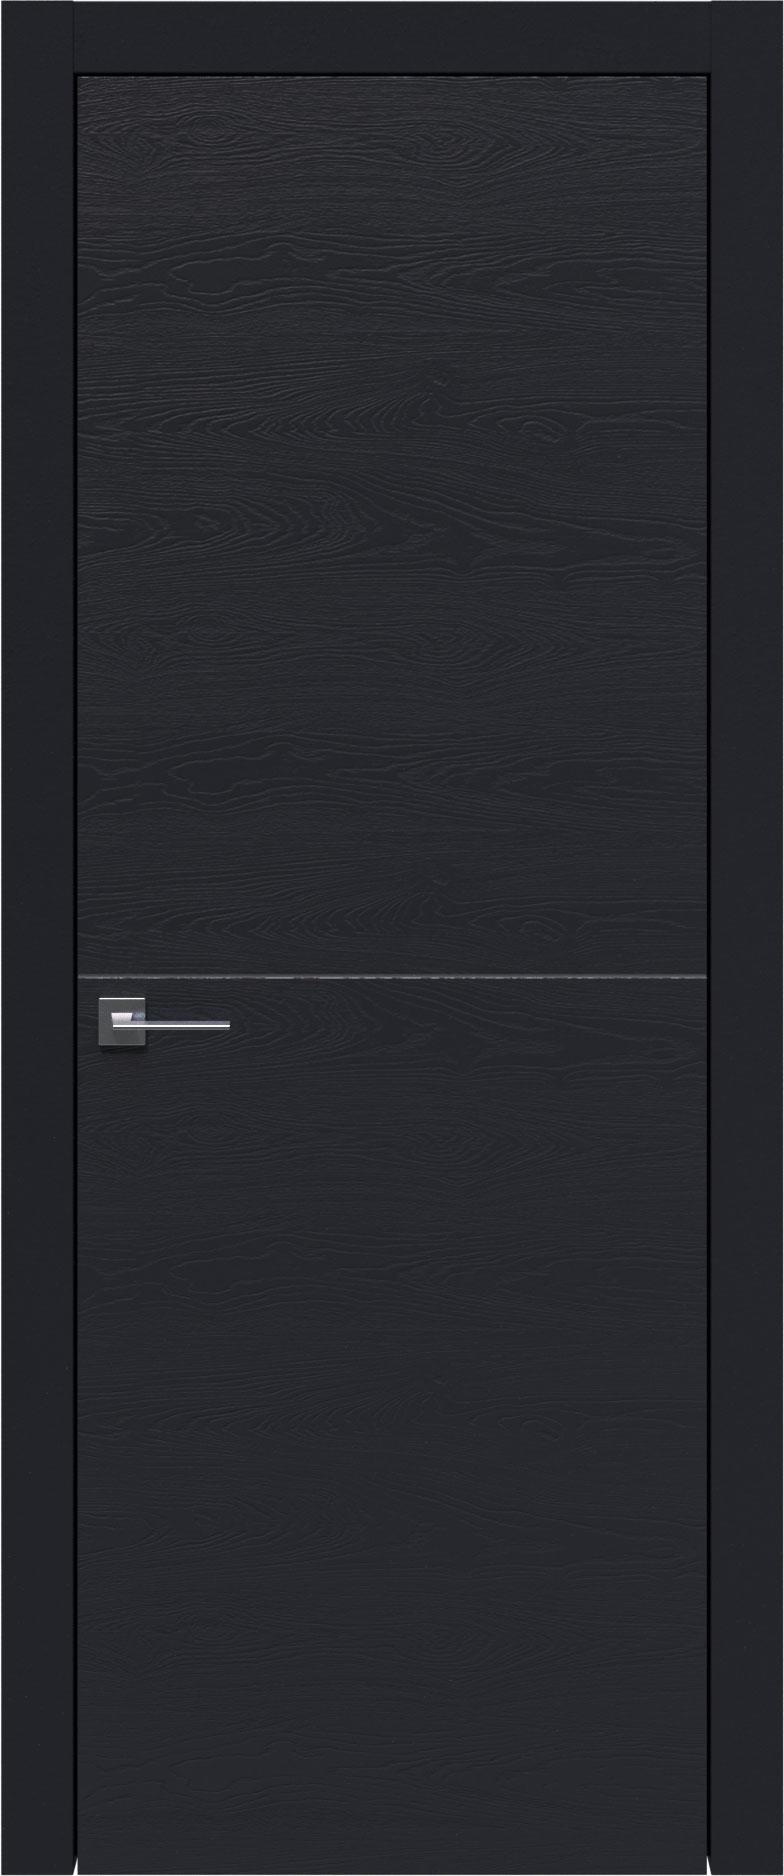 Tivoli Б-2 цвет - Черная эмаль по шпону (RAL 9004) Без стекла (ДГ)